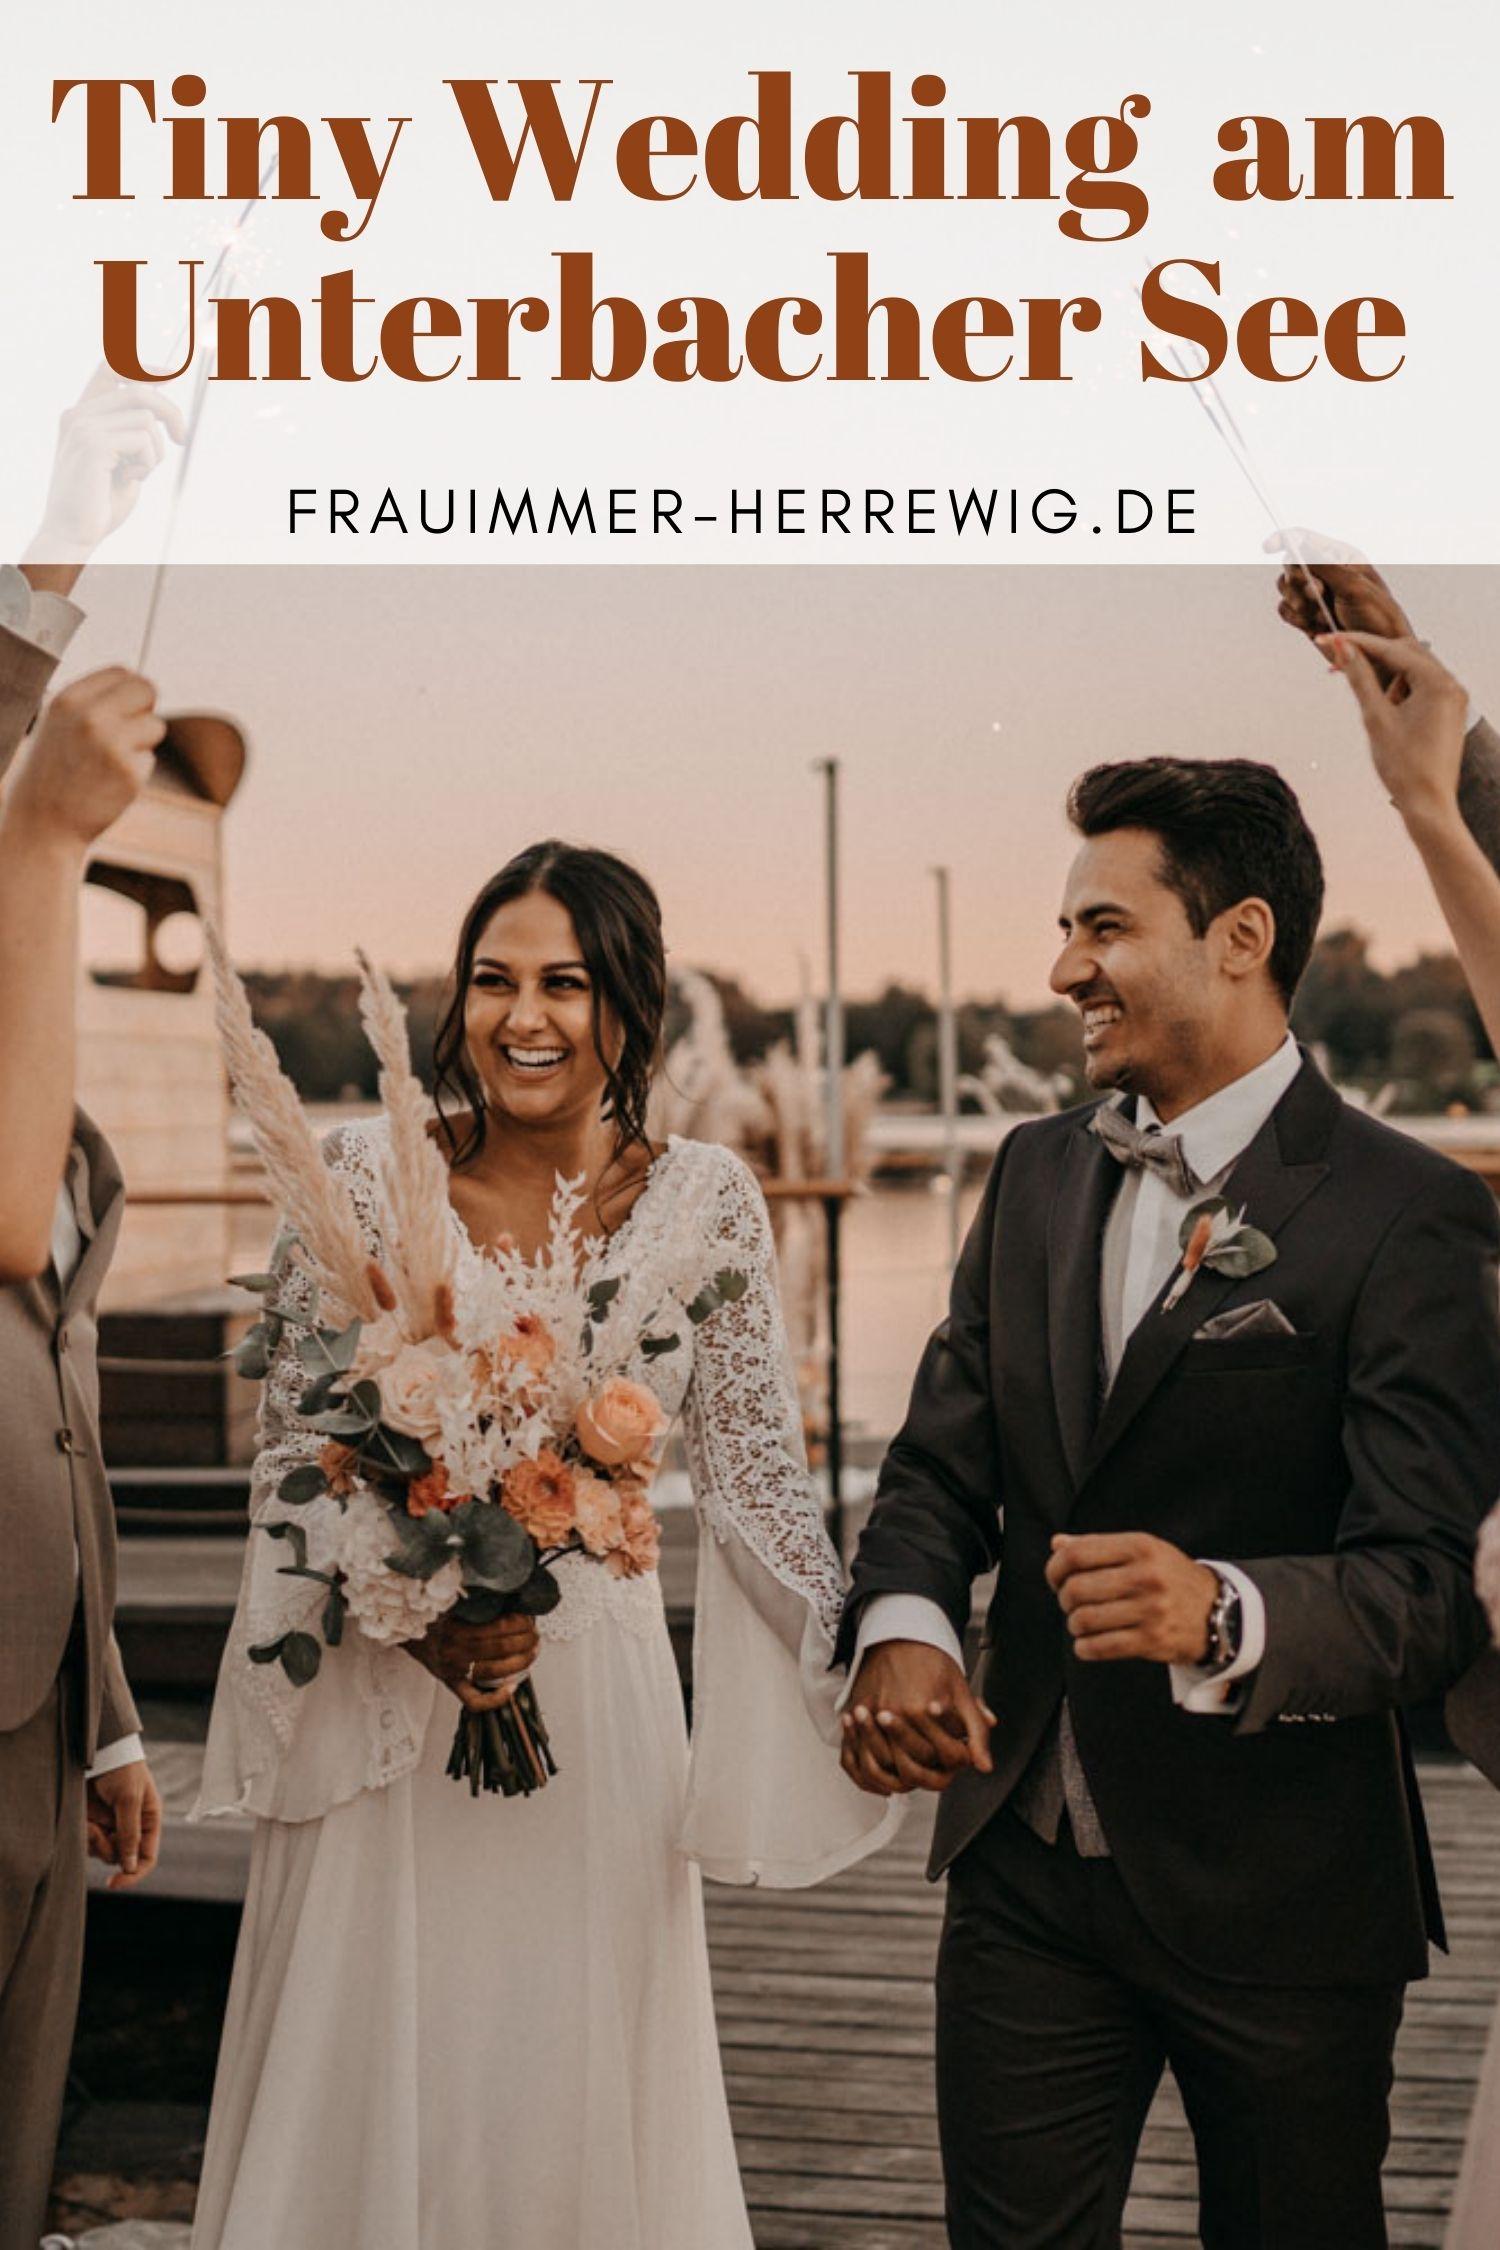 Tiny wedding unterbacher see – gesehen bei frauimmer-herrewig.de